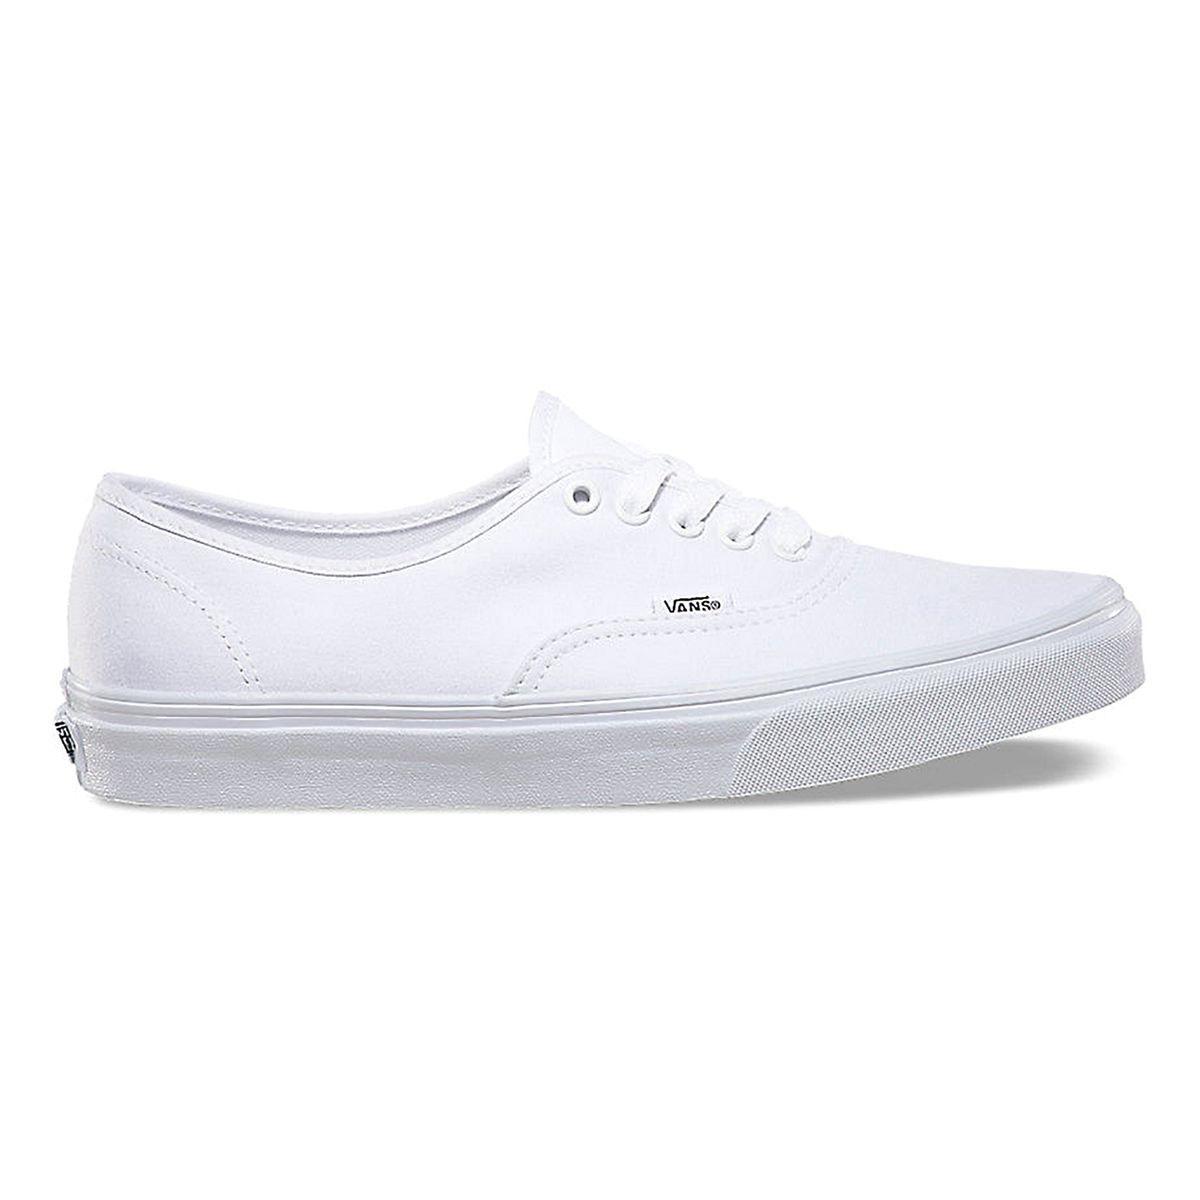 Vans cuir blanc | La Redoute